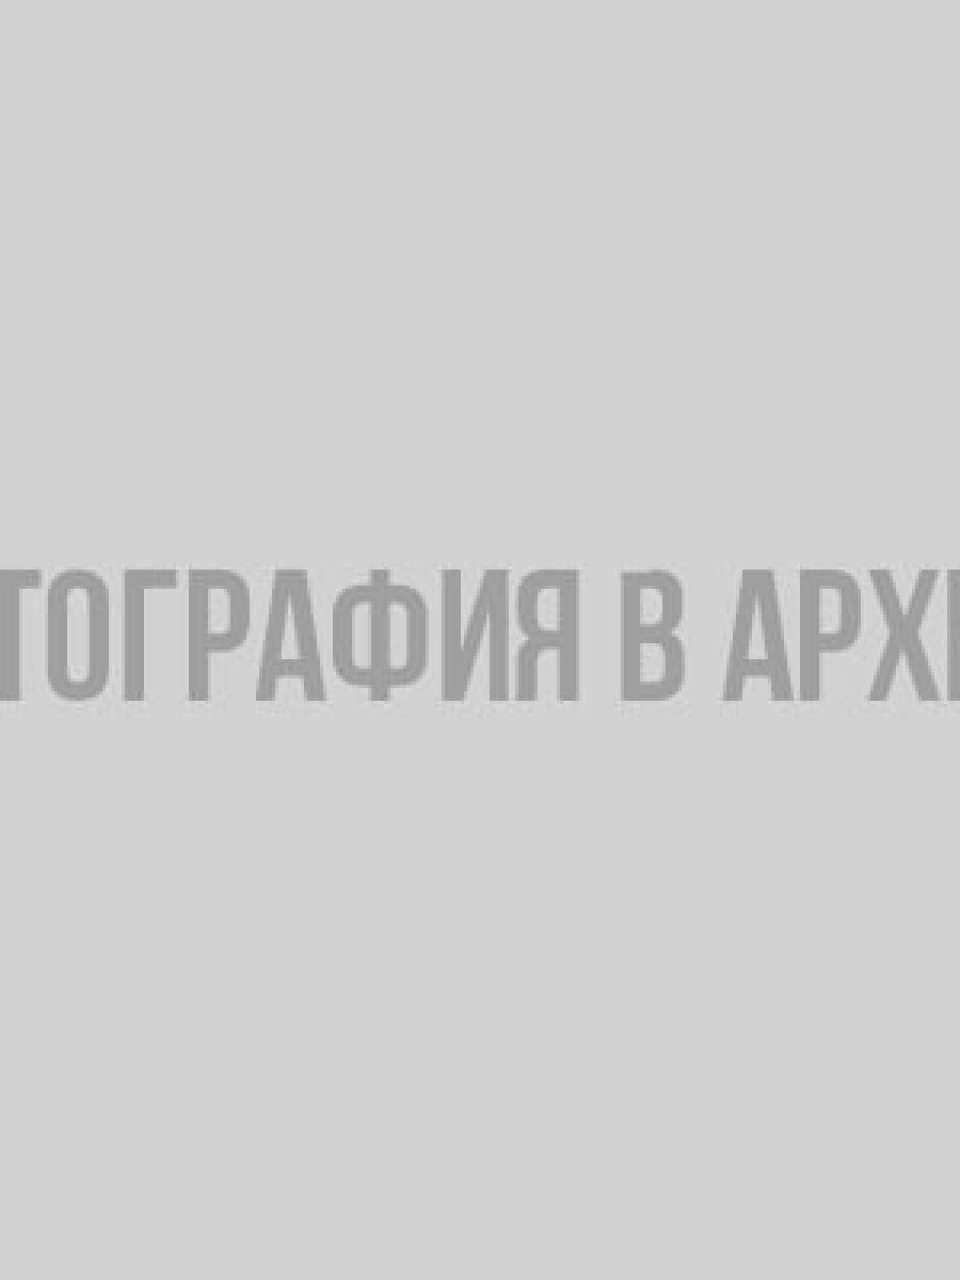 Рыбак застрял на лодке посреди озера Вуокса из-за сломавшегося мотора рыбак, Приозерский район, Ленобласть, Вуокса, аварийно-спасательная служба